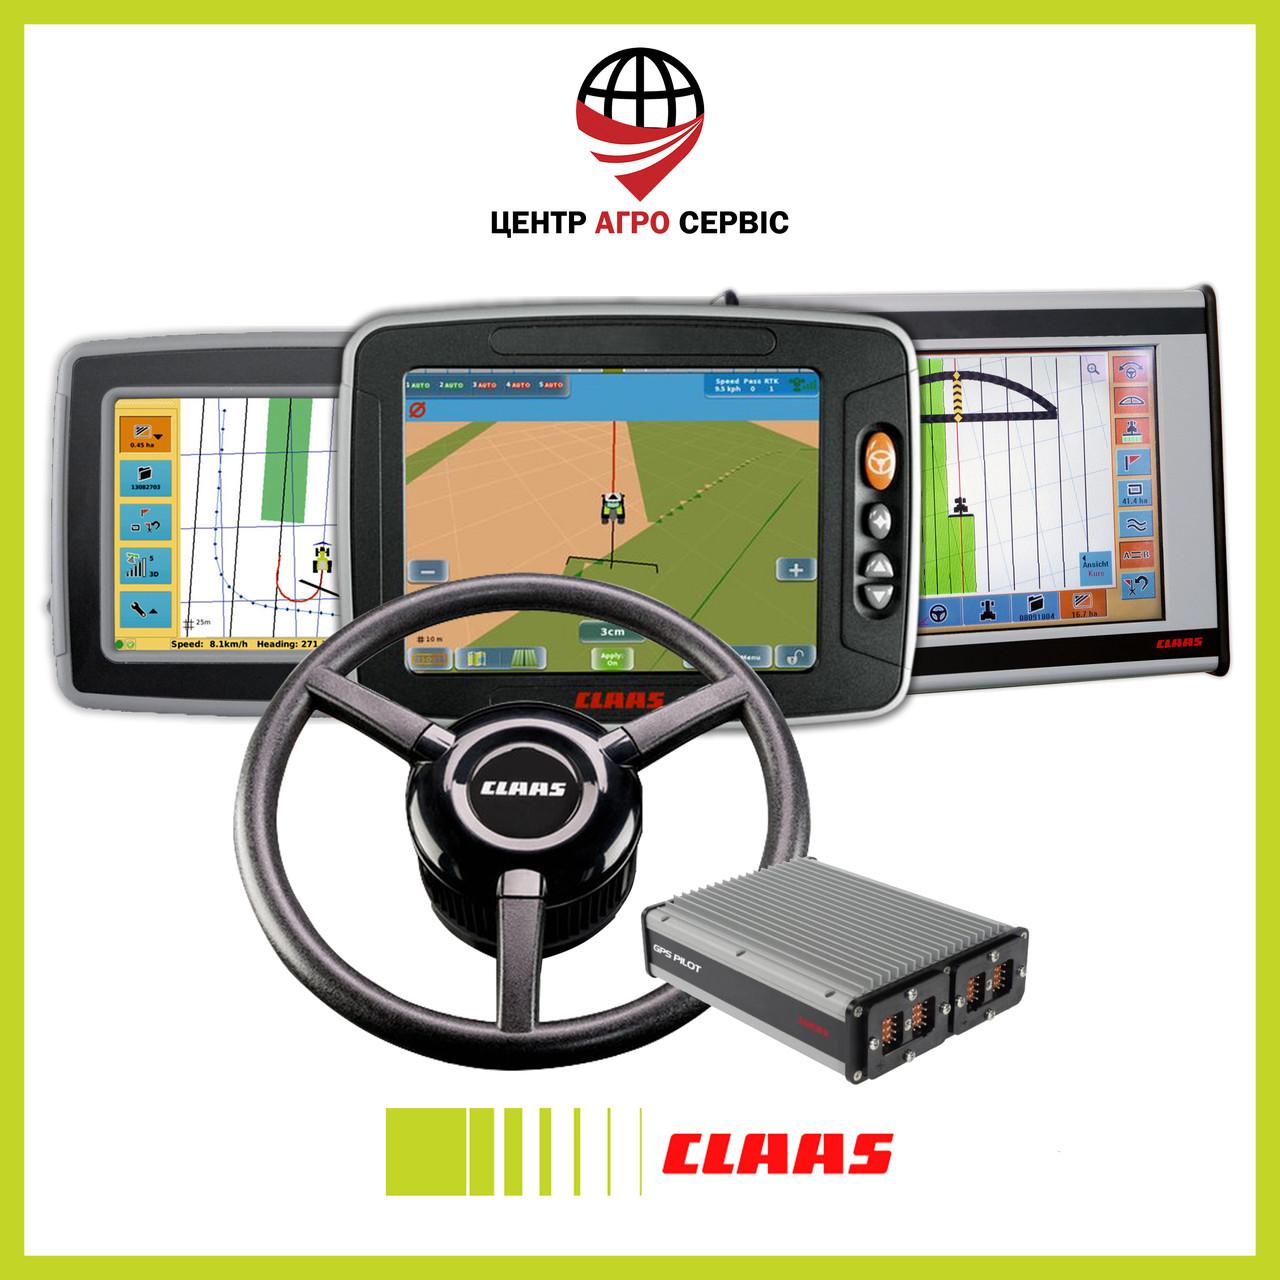 Автопилот CLAAS GPS PILOT (гидравлическое автоматическое вождение для трактора, опрыскивателя, комбайна)